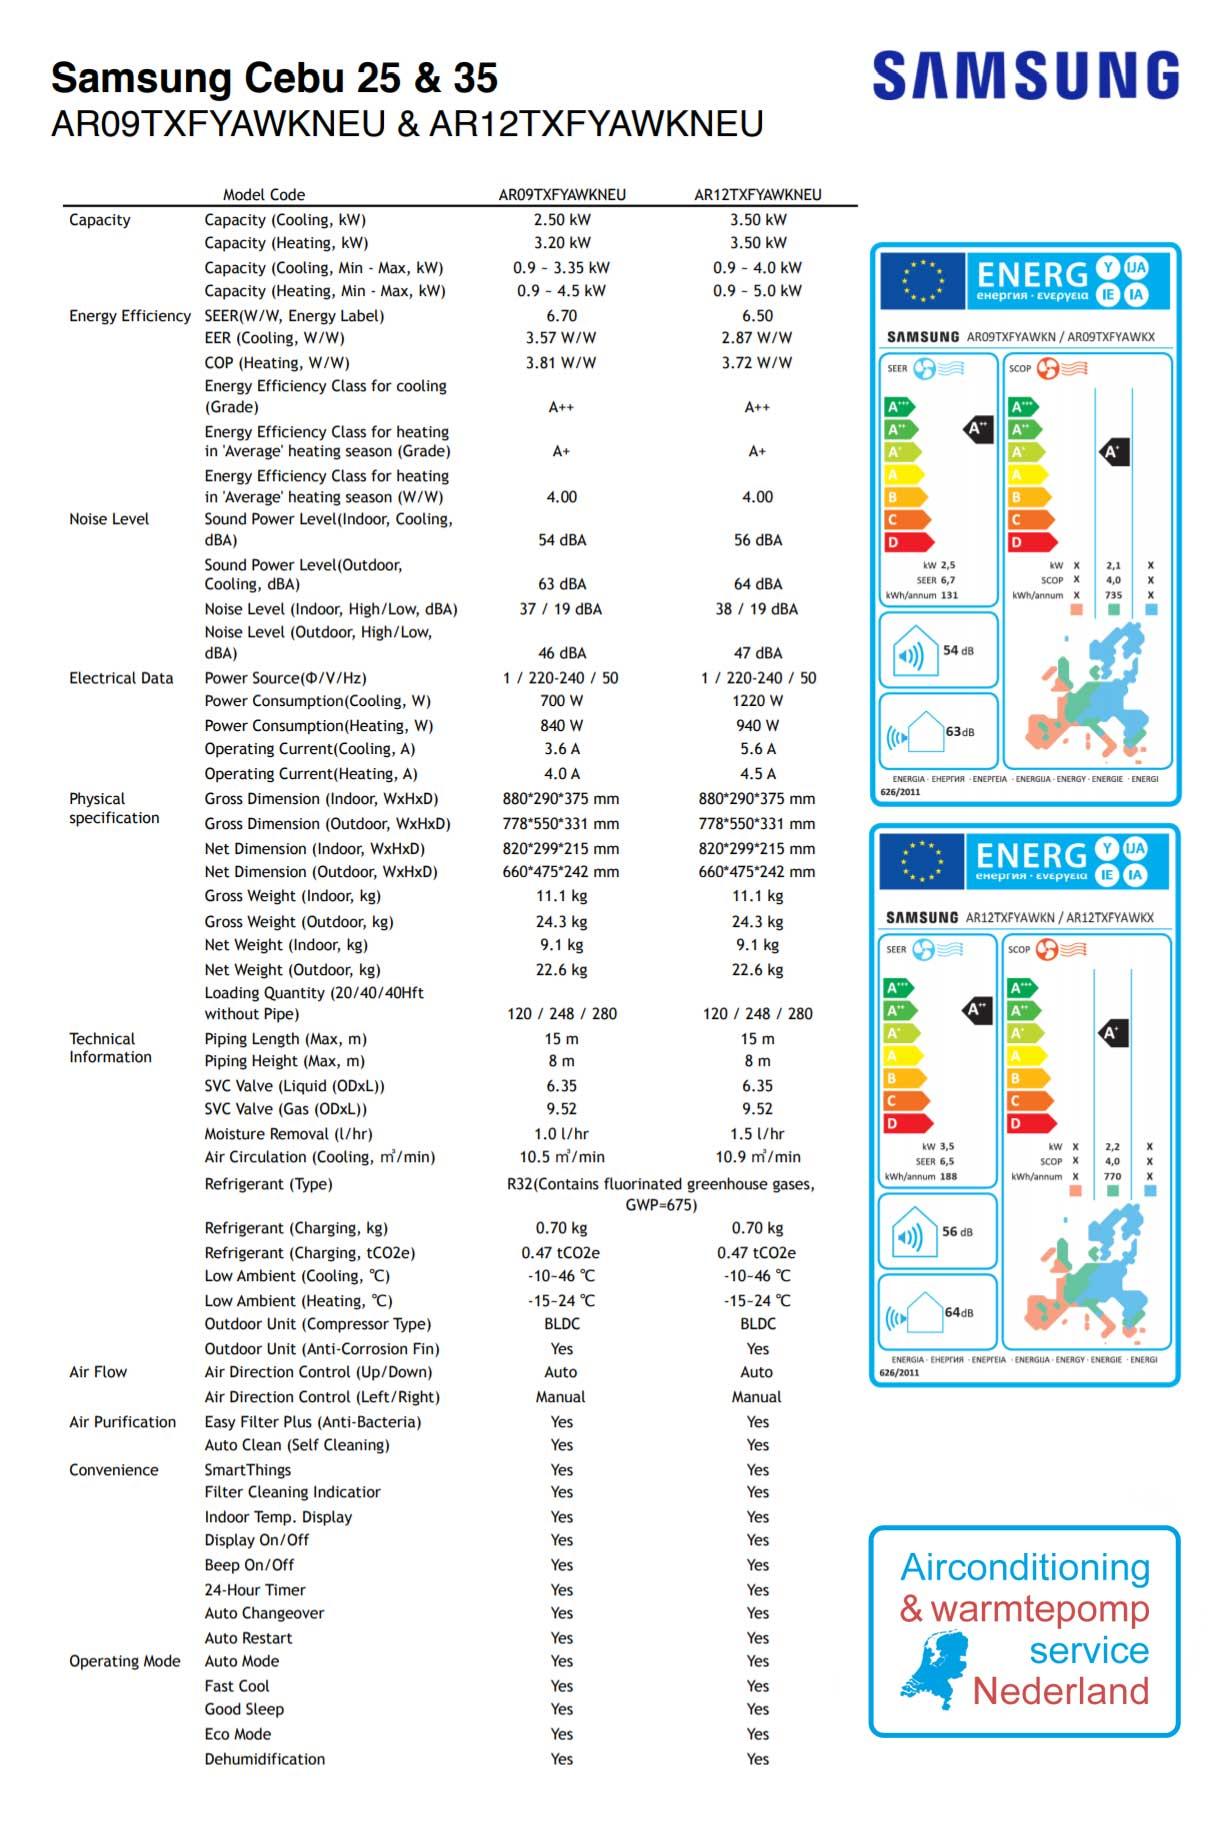 Specificaties: Samsung Cebu - 2,5 kW & Samsung Cebu - 3,5 kW